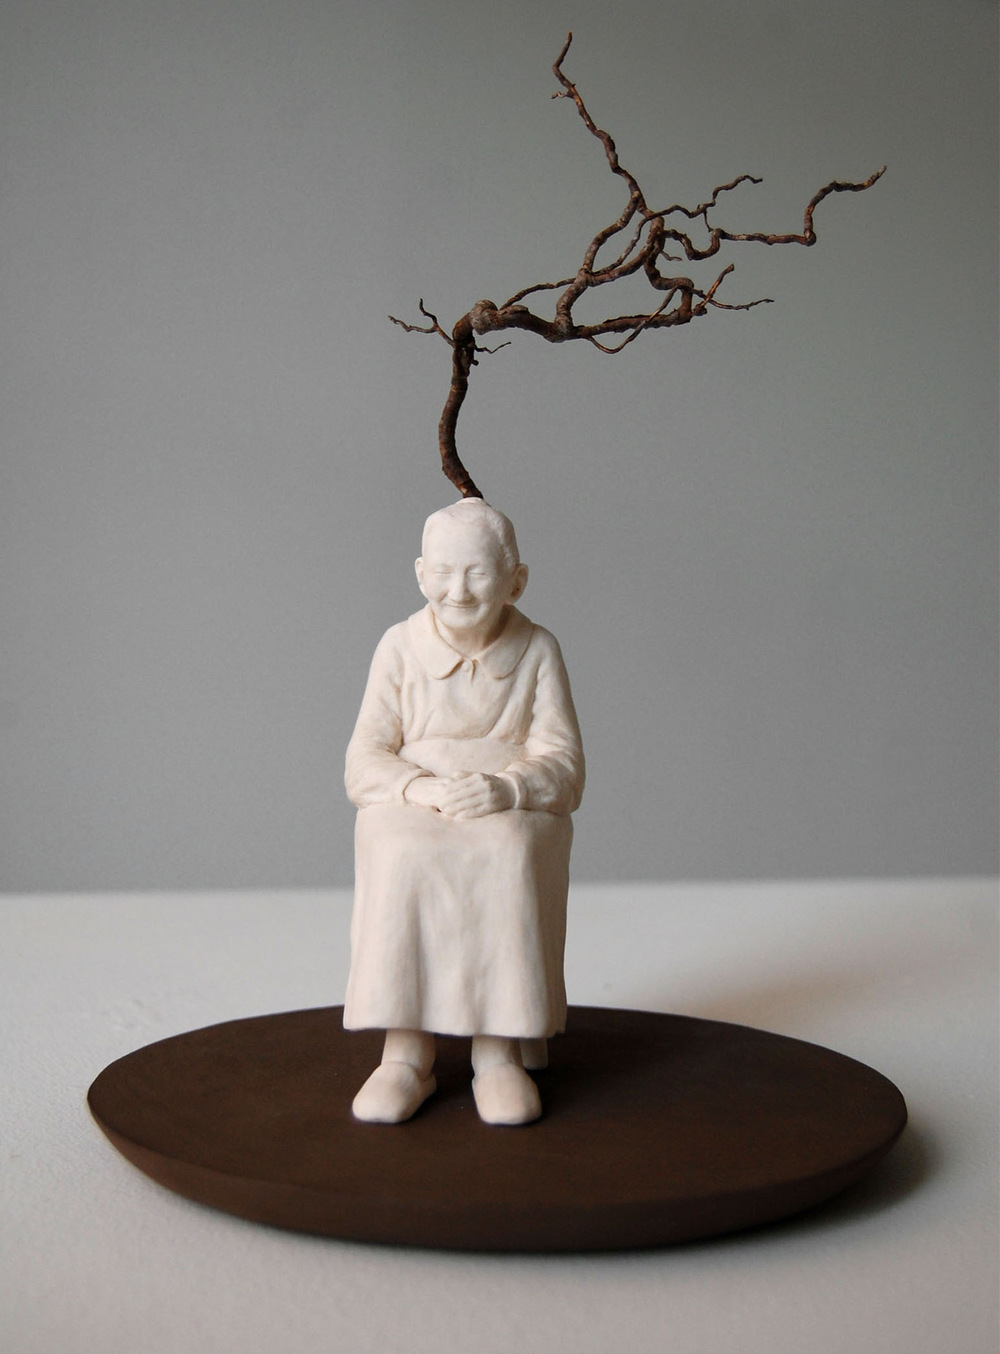 Lina Eriksson-keramikkonstnär - Porcelain, earthenware, root. H:25cm